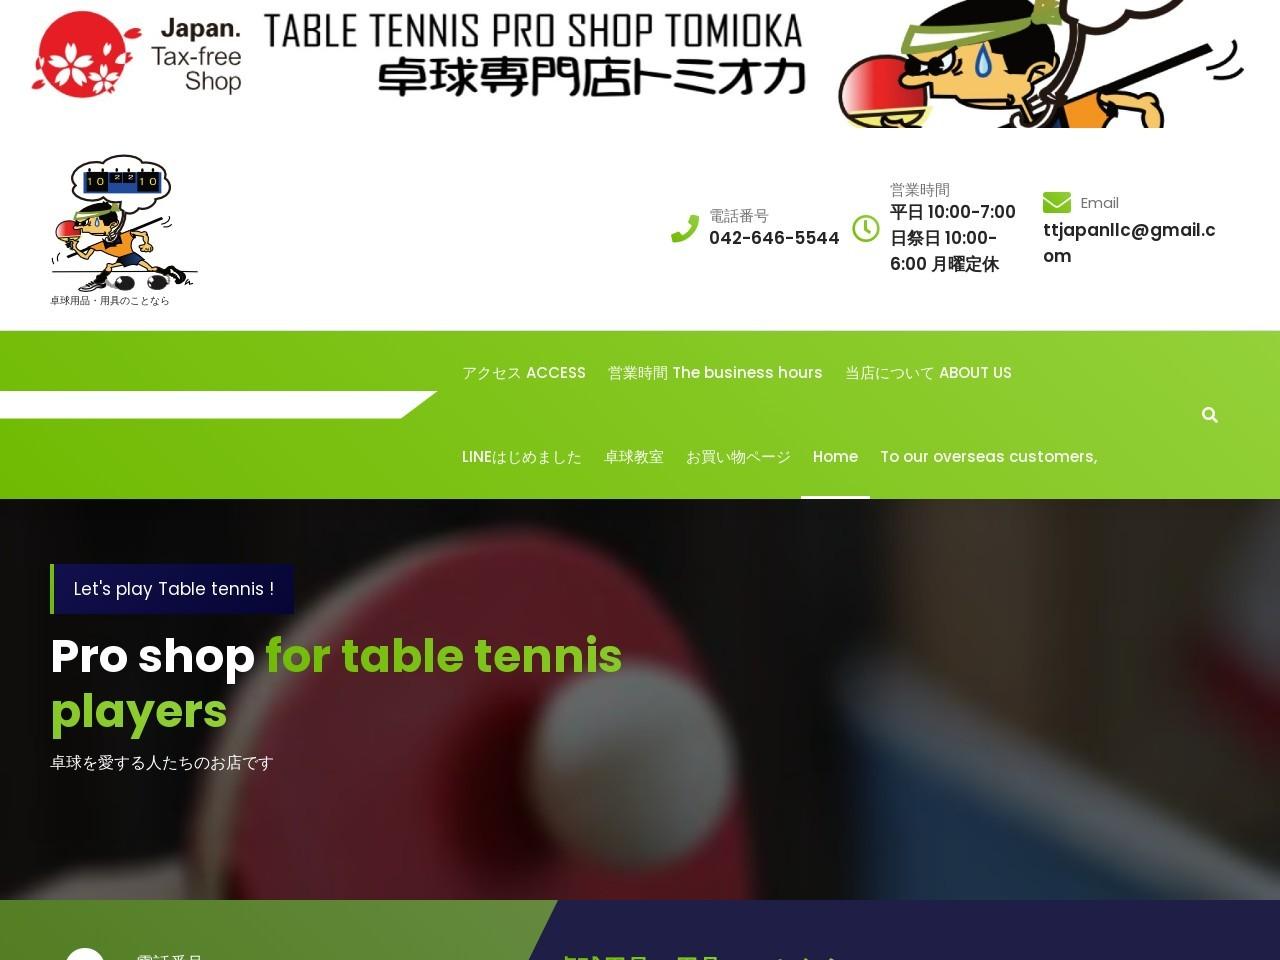 卓球専門店トミオカ